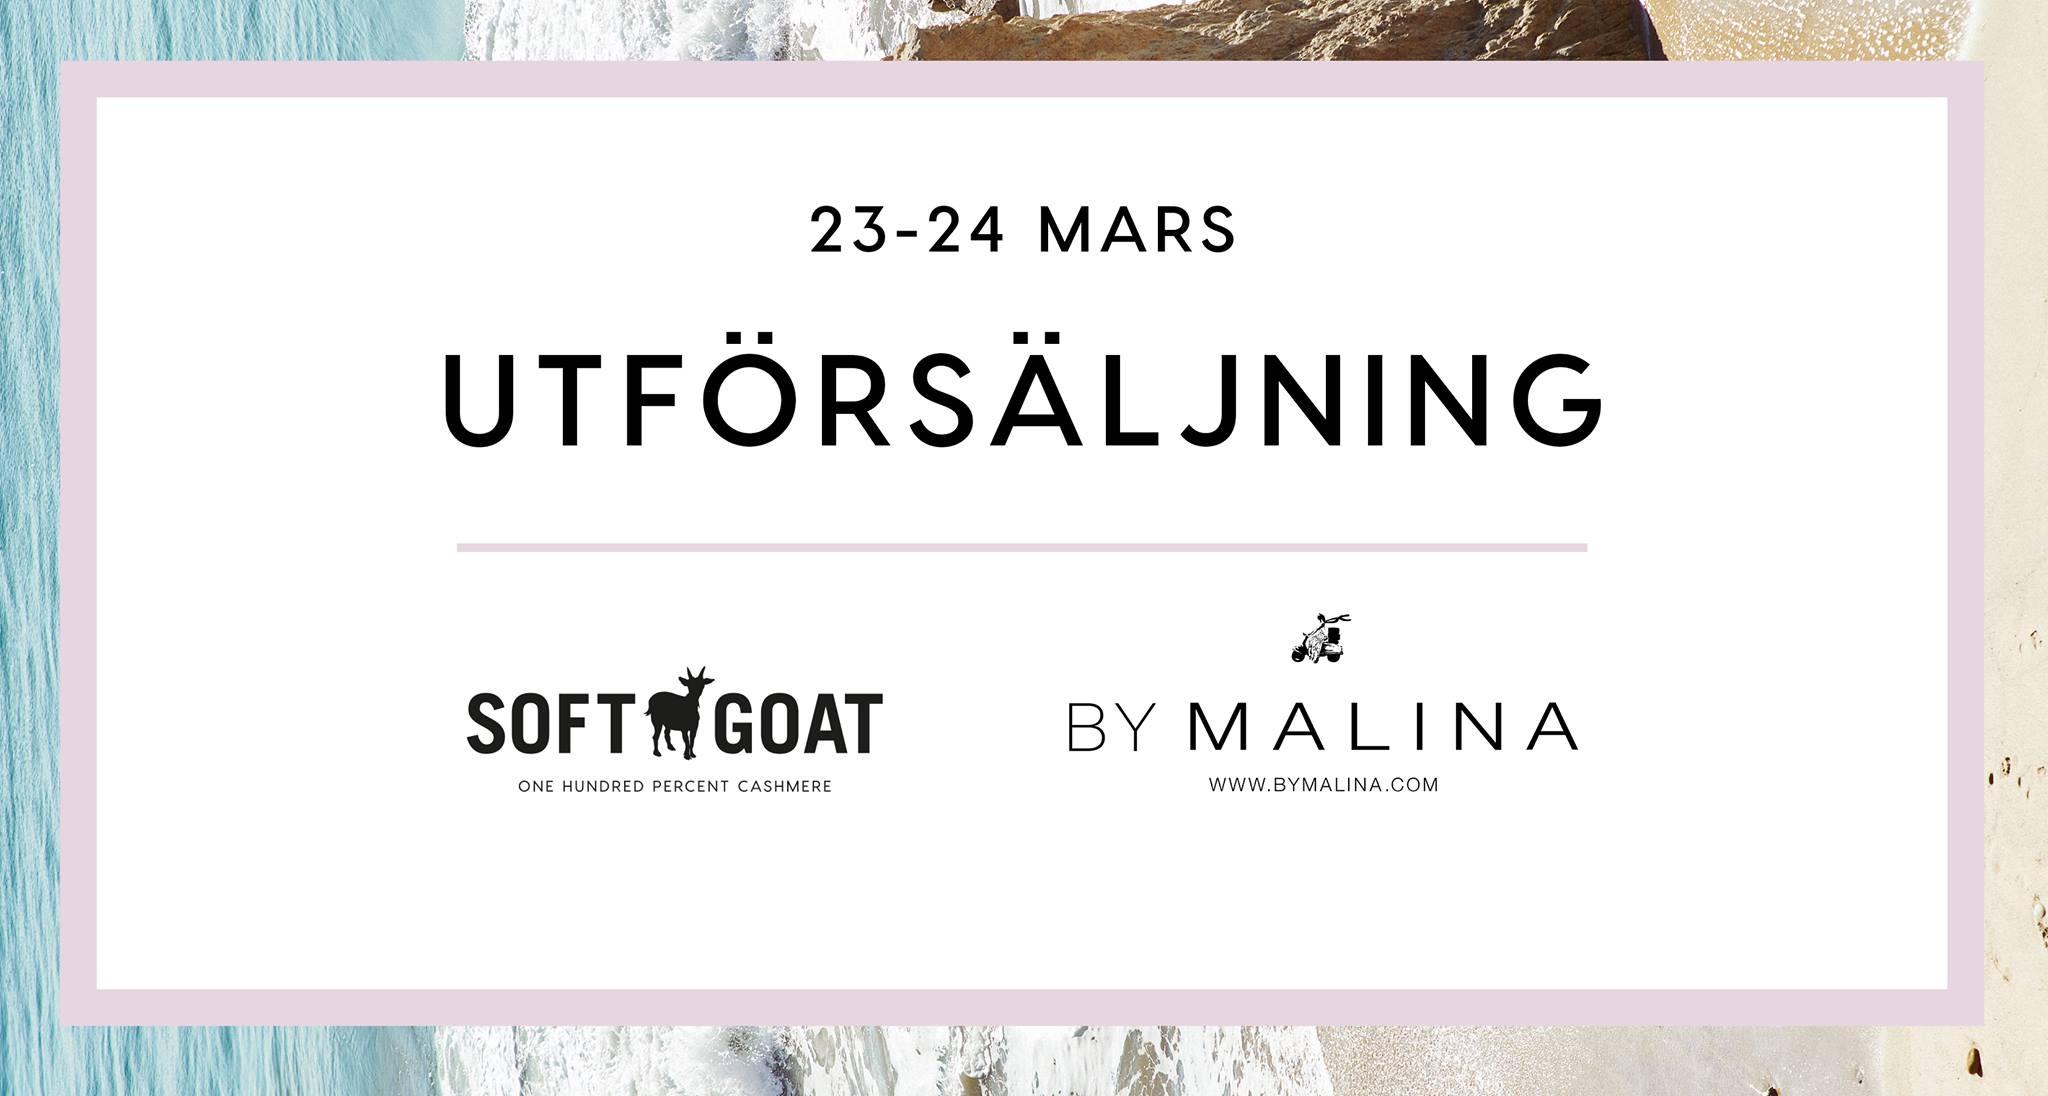 Utförsäljning soft goat